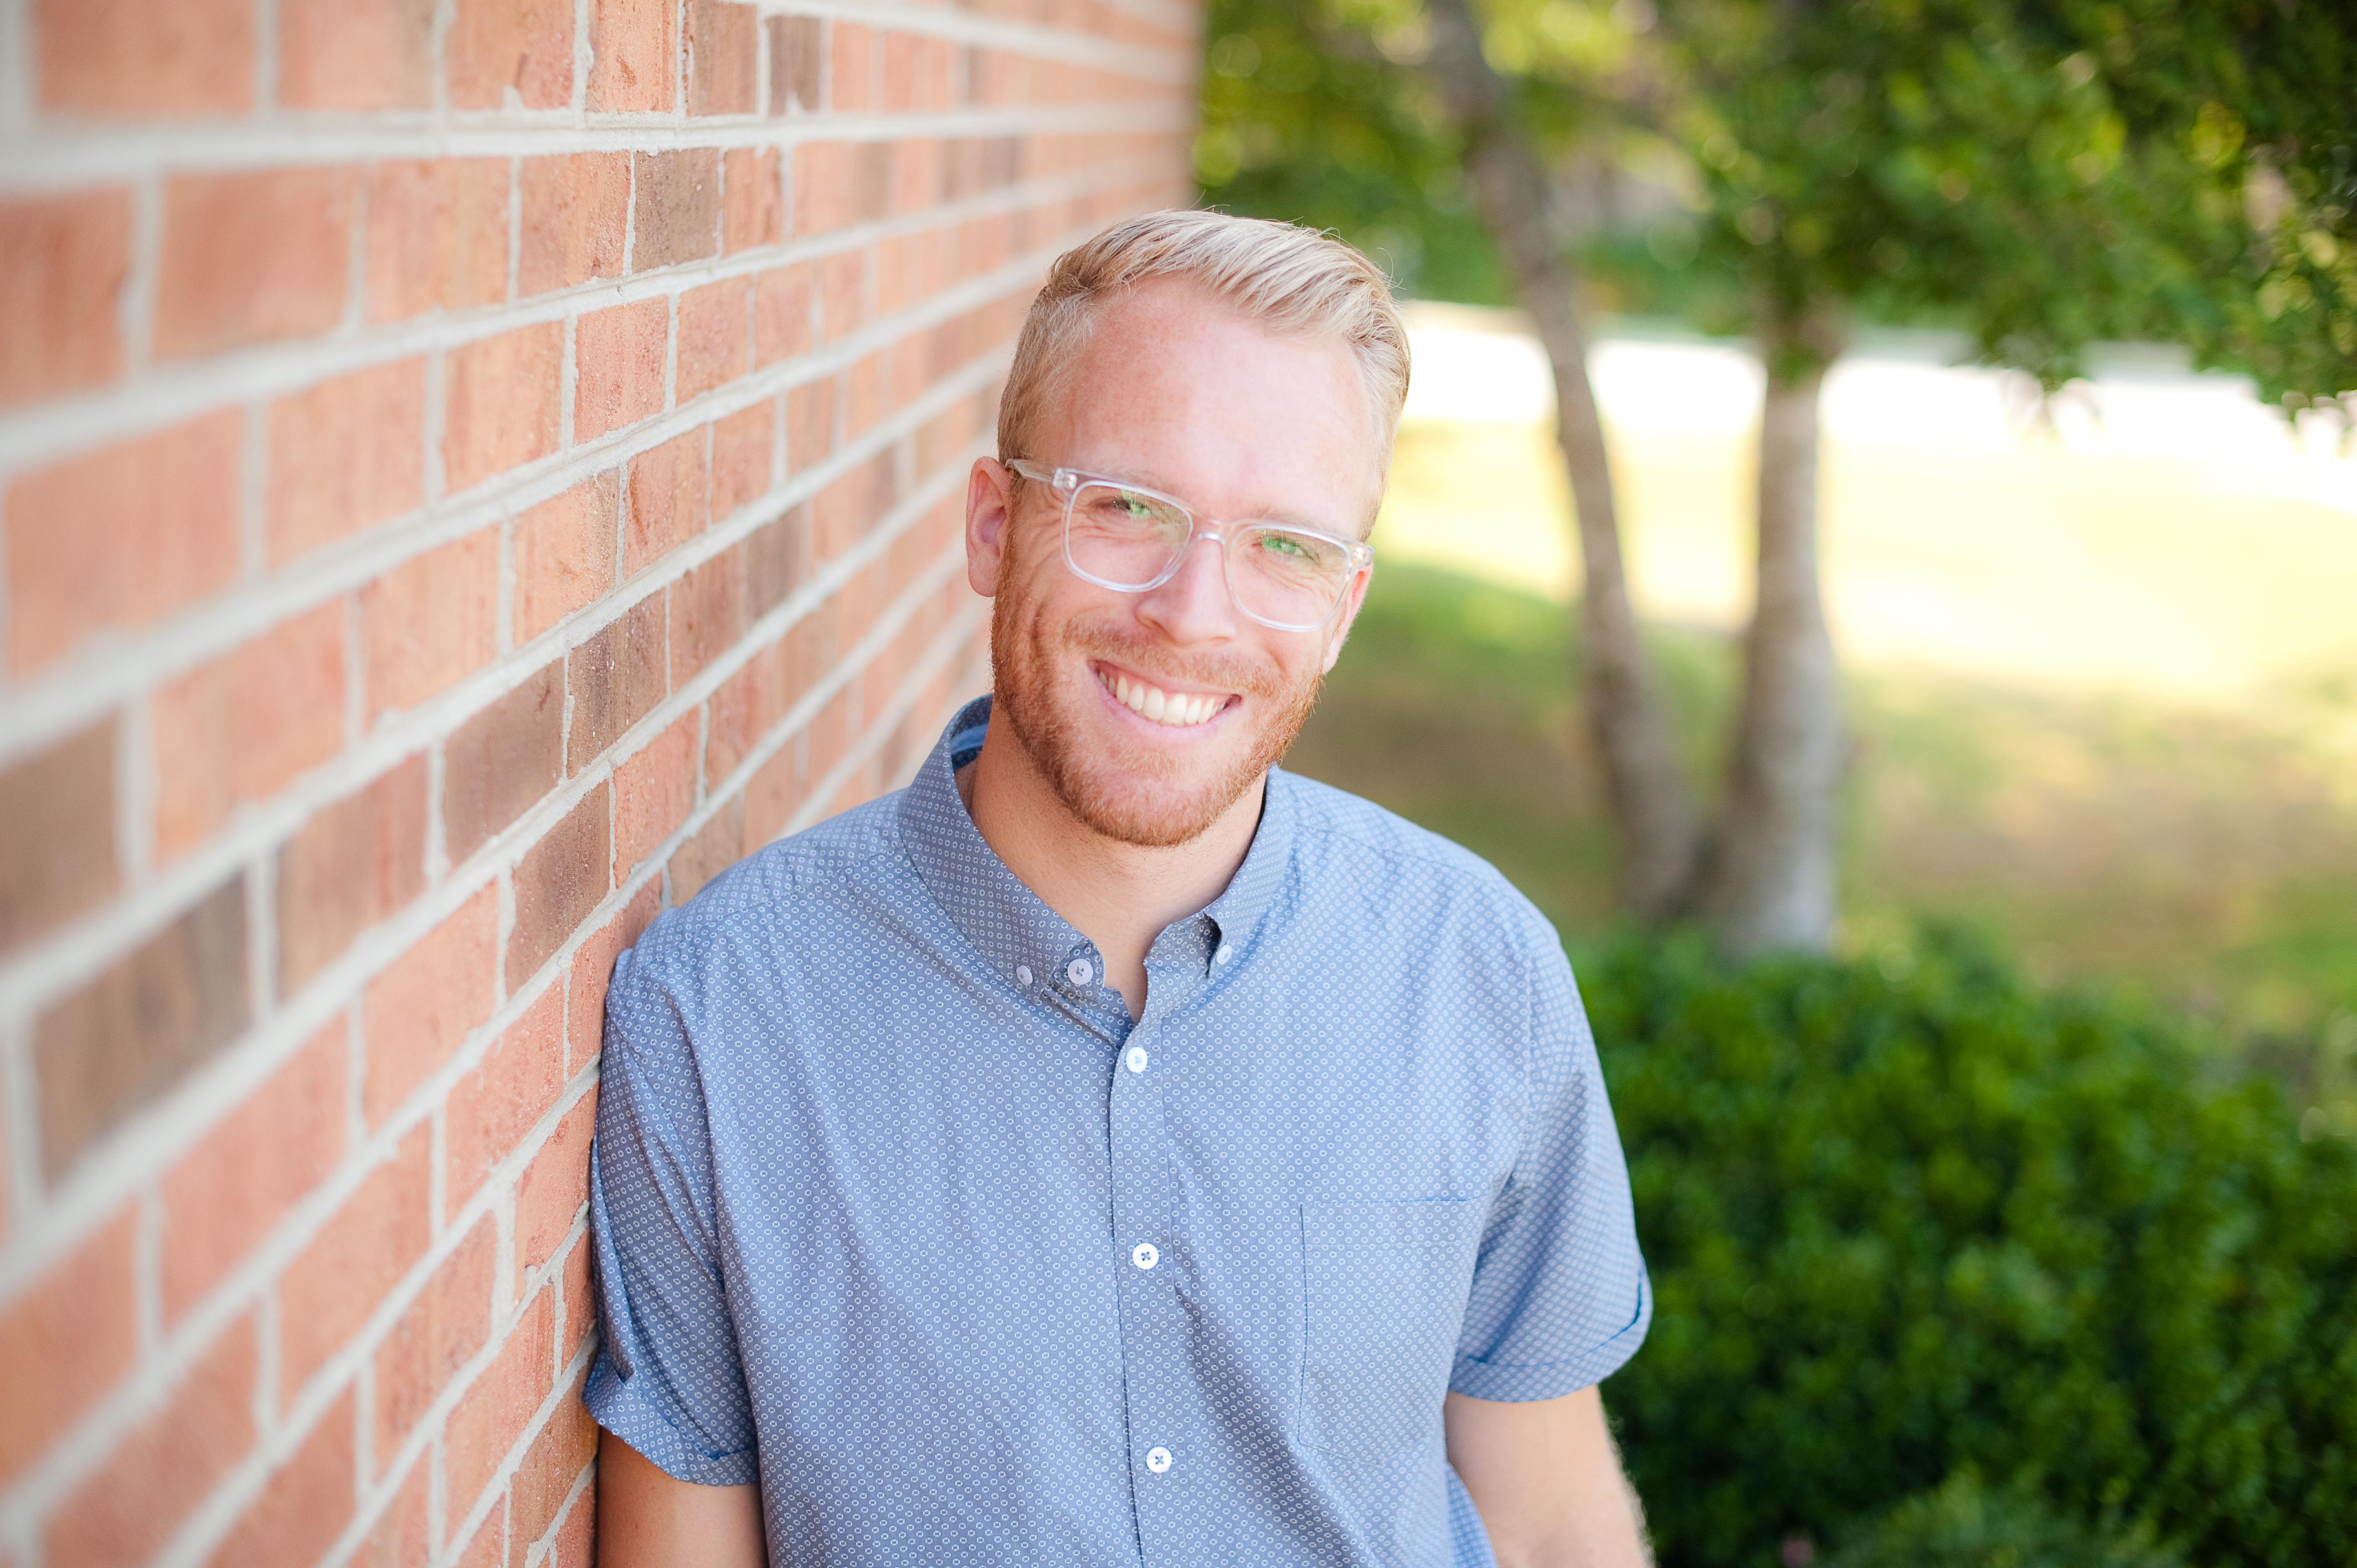 Kyle Meier